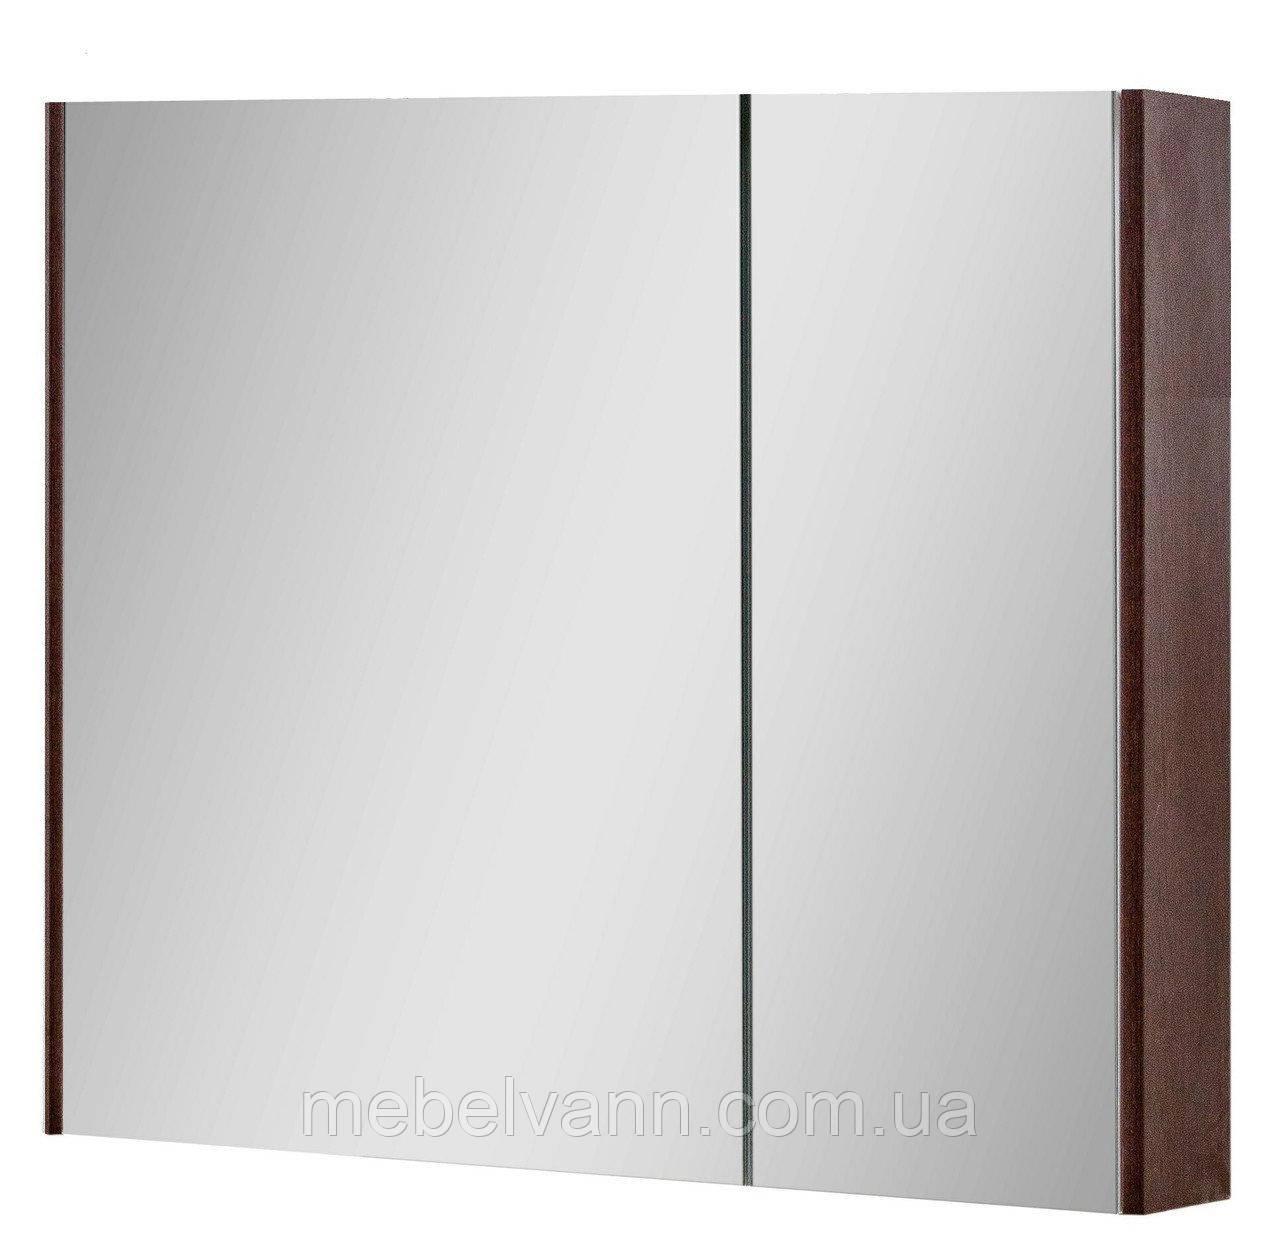 Зеркальный шкаф для ванной комнаты Сенатор Z-80 (без подсветки)